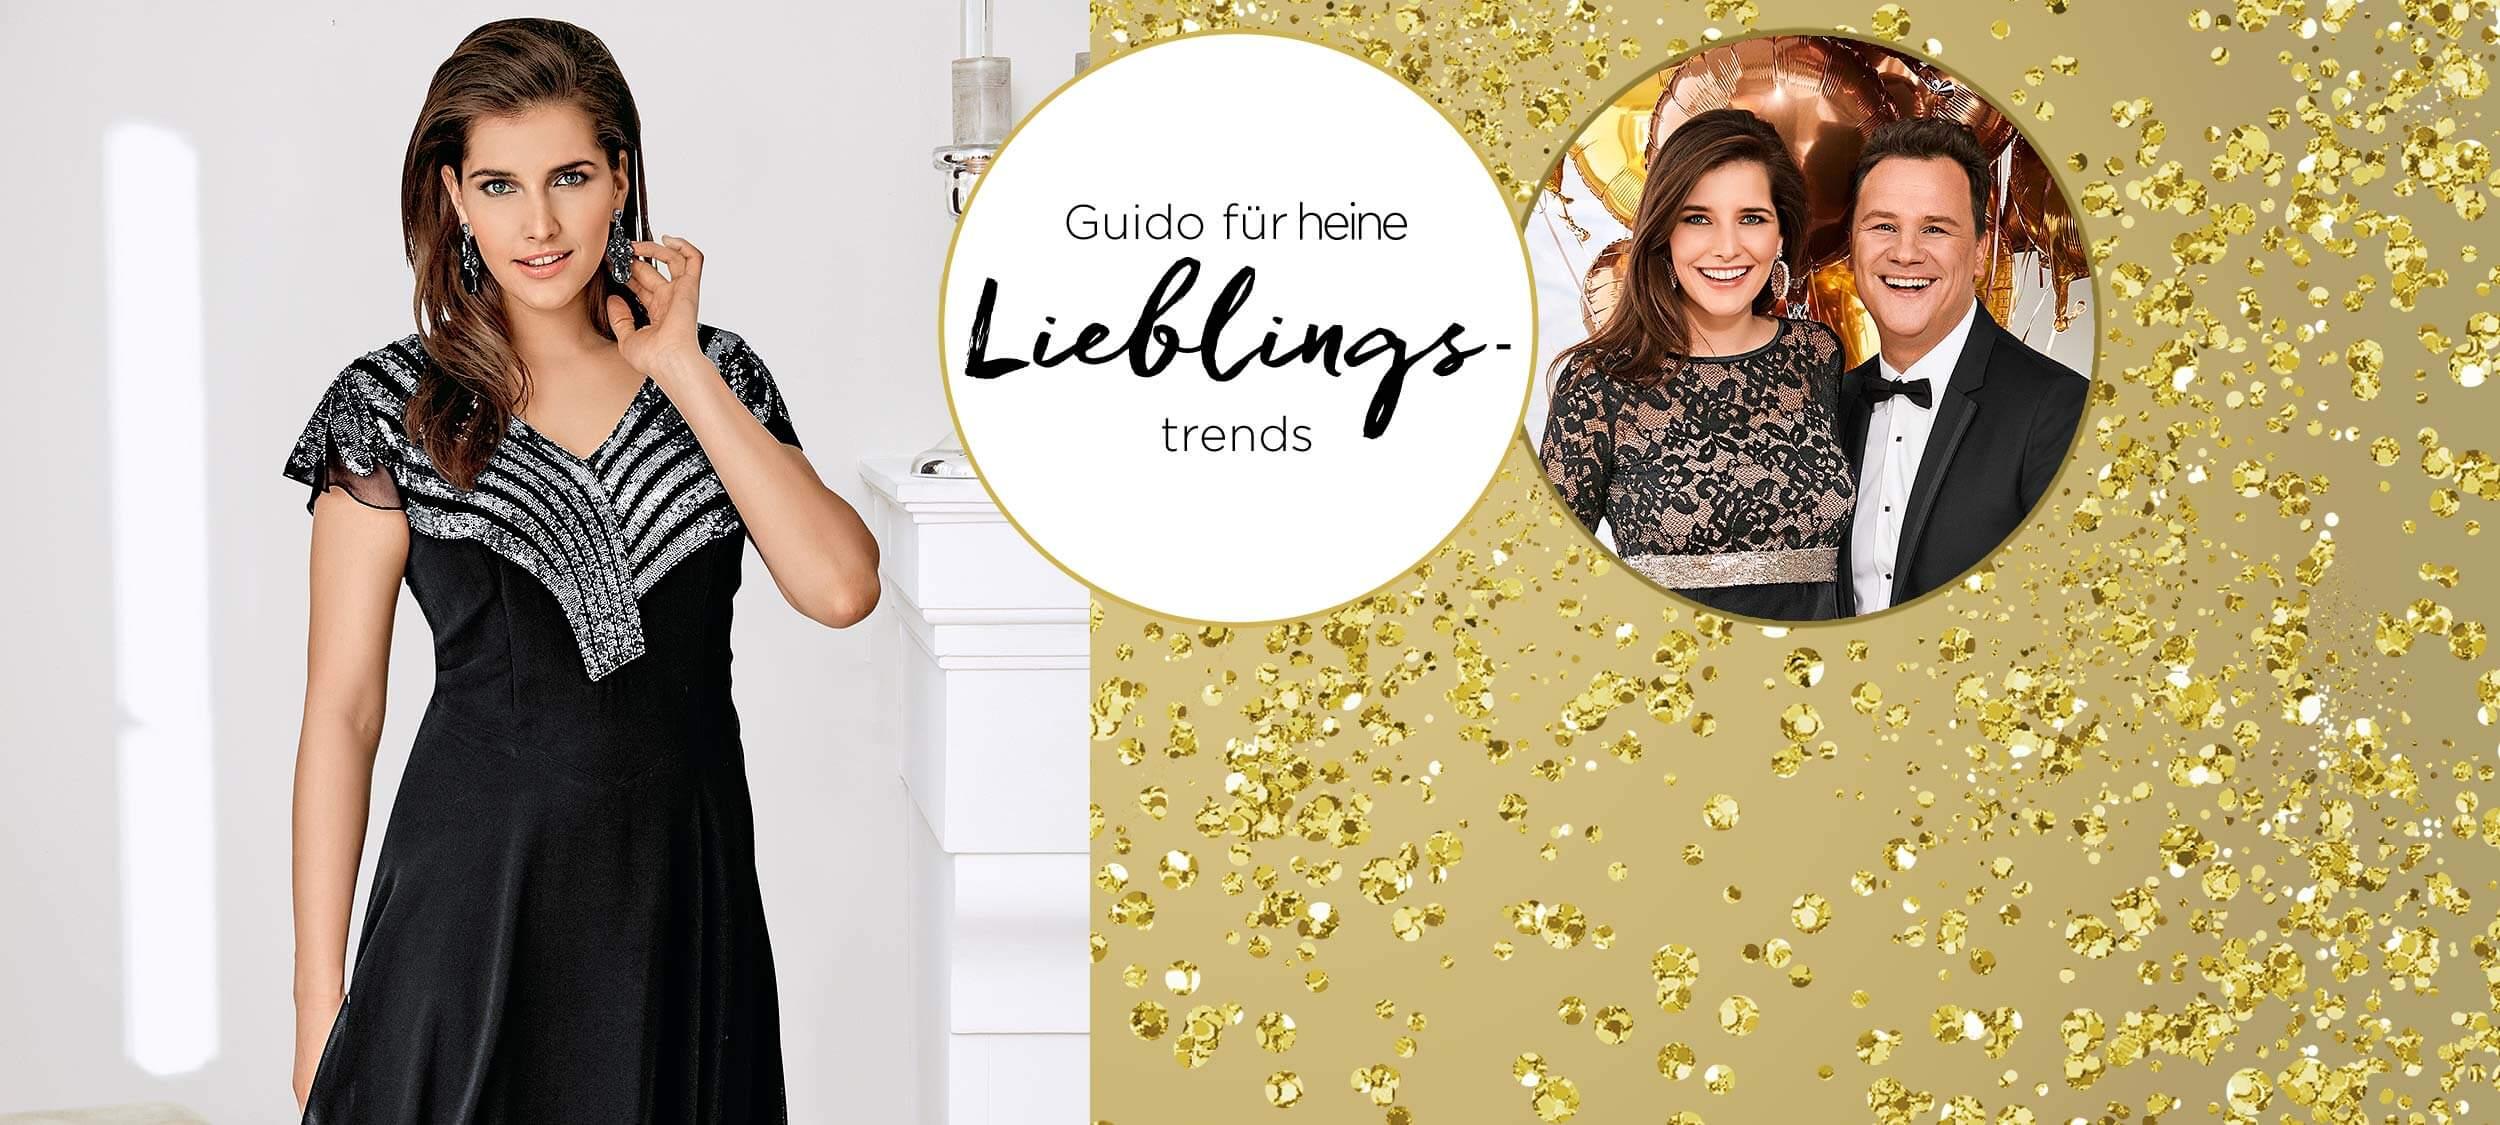 guido für heine: trend abendmode | styles & stories - der